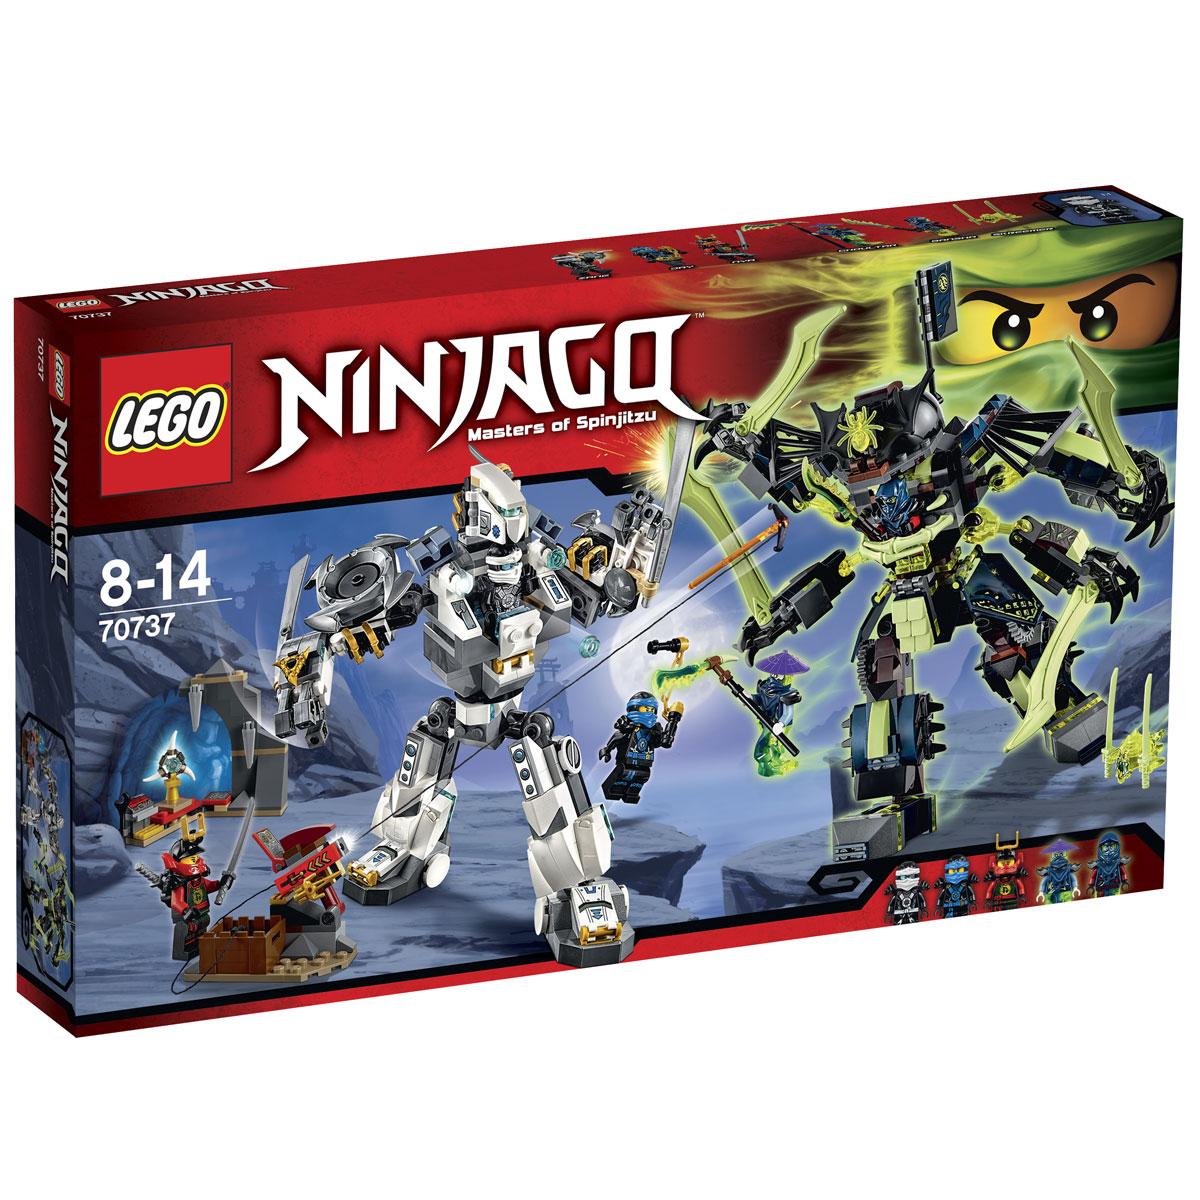 LEGO NINJAGO Конструктор Битва механических роботов 7073770737Конструктор Битва механических роботов станет отличным подарком фанатам серии LEGO NINJAGO! Ниндзя Зейн и Повелитель Клинков Банша построили механических роботов, чтобы сойтись в решающей битве. Каждый из получившихся гигантов имеет шарнирное строение конечностей и вращающийся торс, позволяющий принимать реалистичные боевые позы, наносить мощные удары и не терять равновесия. Робот Зейна выполнен из бело-серых деталей с добавлением наклеек и прозрачных голубых элементов. Центральное место отведено кабине водителя, прикрытой непробиваемой пластиной. Над ней возвышается защитный шлем, напоминающий голову дрона со сканирующим глазом. По бока от кабины установлены две самонаводящиеся пушки и вращающиеся титановые наплечники с острыми лезвиями. Руки робота трансформированы в активные манипуляторы с цепкими пальцами. На них закреплены длинные мечи и золотые сюрикены. Для сражений в воздухе к спине гиганта приделан ранец с ракетными ускорителями. ...